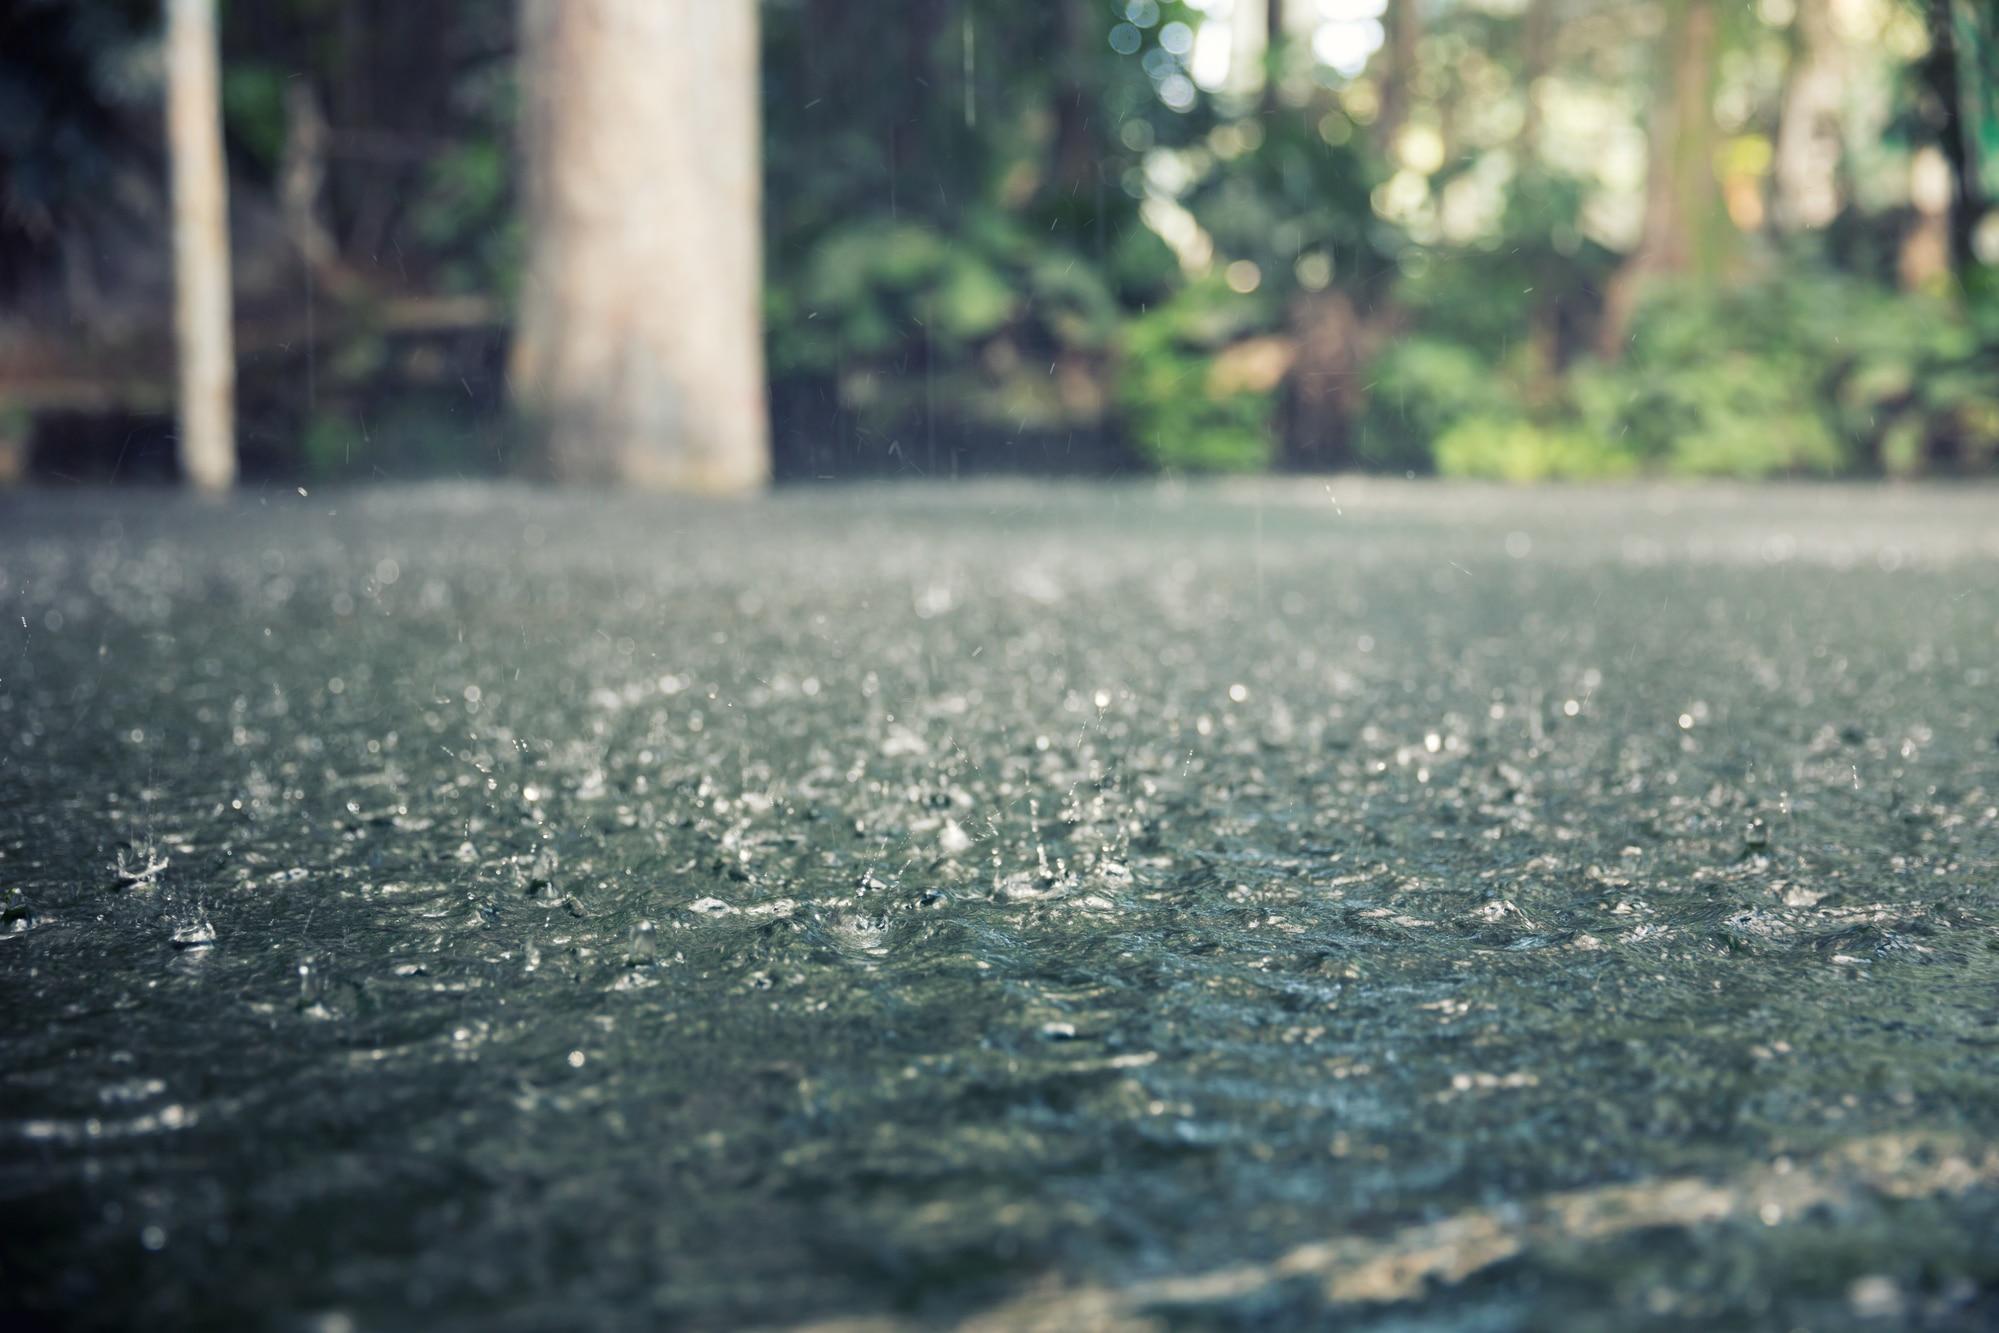 Rain Drops on A Road Closeup